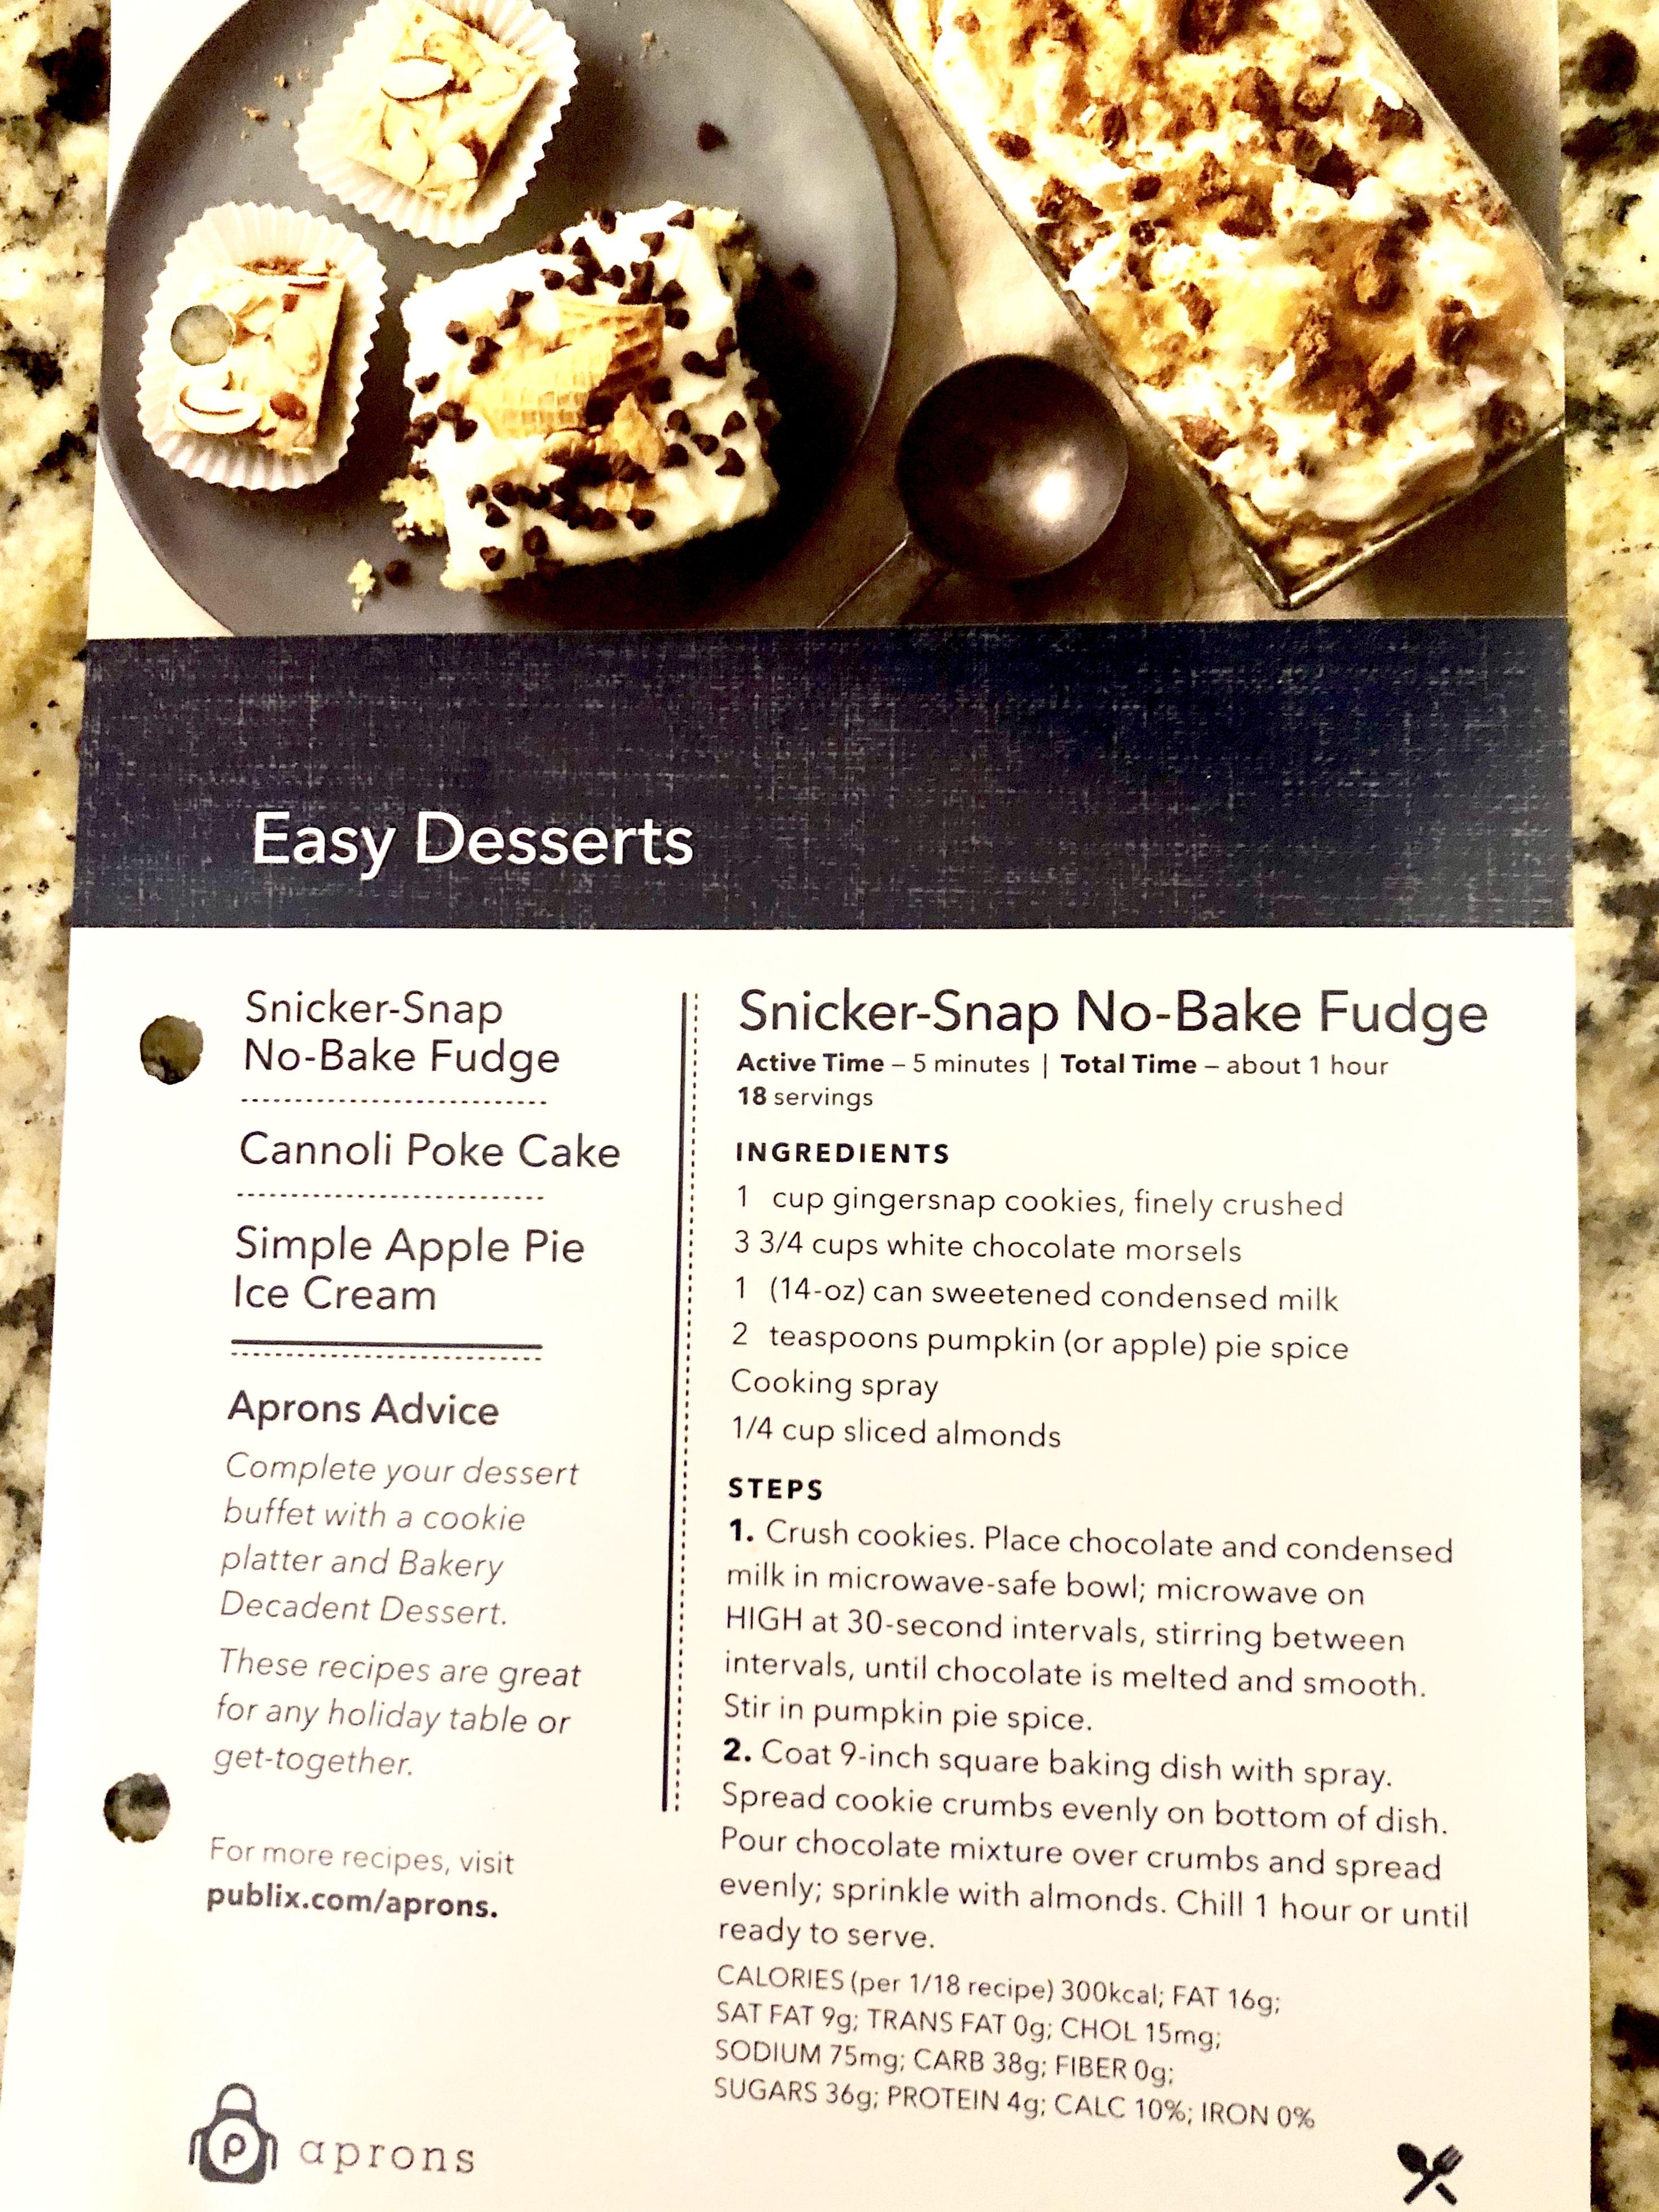 SnickerSnap NoBake Fudge (Publix Recipe) No bake fudge